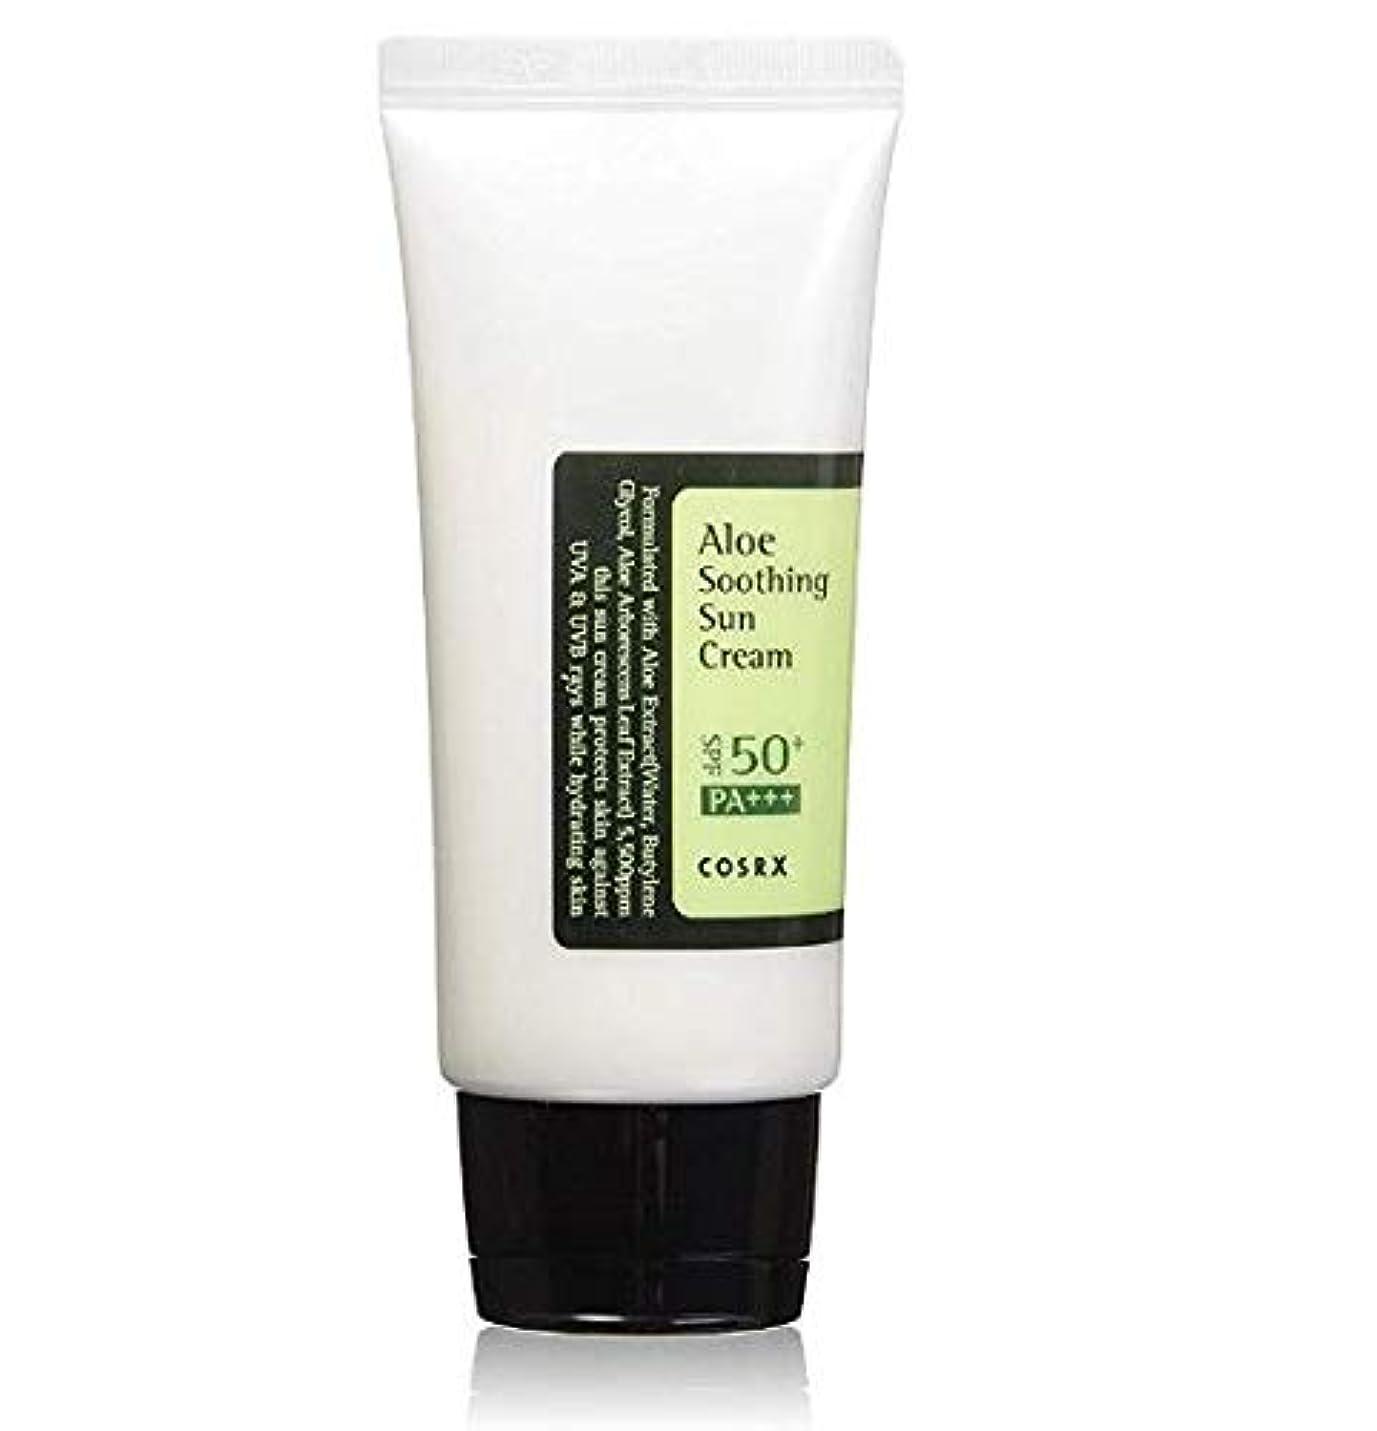 ピースダイヤル単調なCOSRX Aloe Soothing Sun Cream 50ml [並行輸入品]